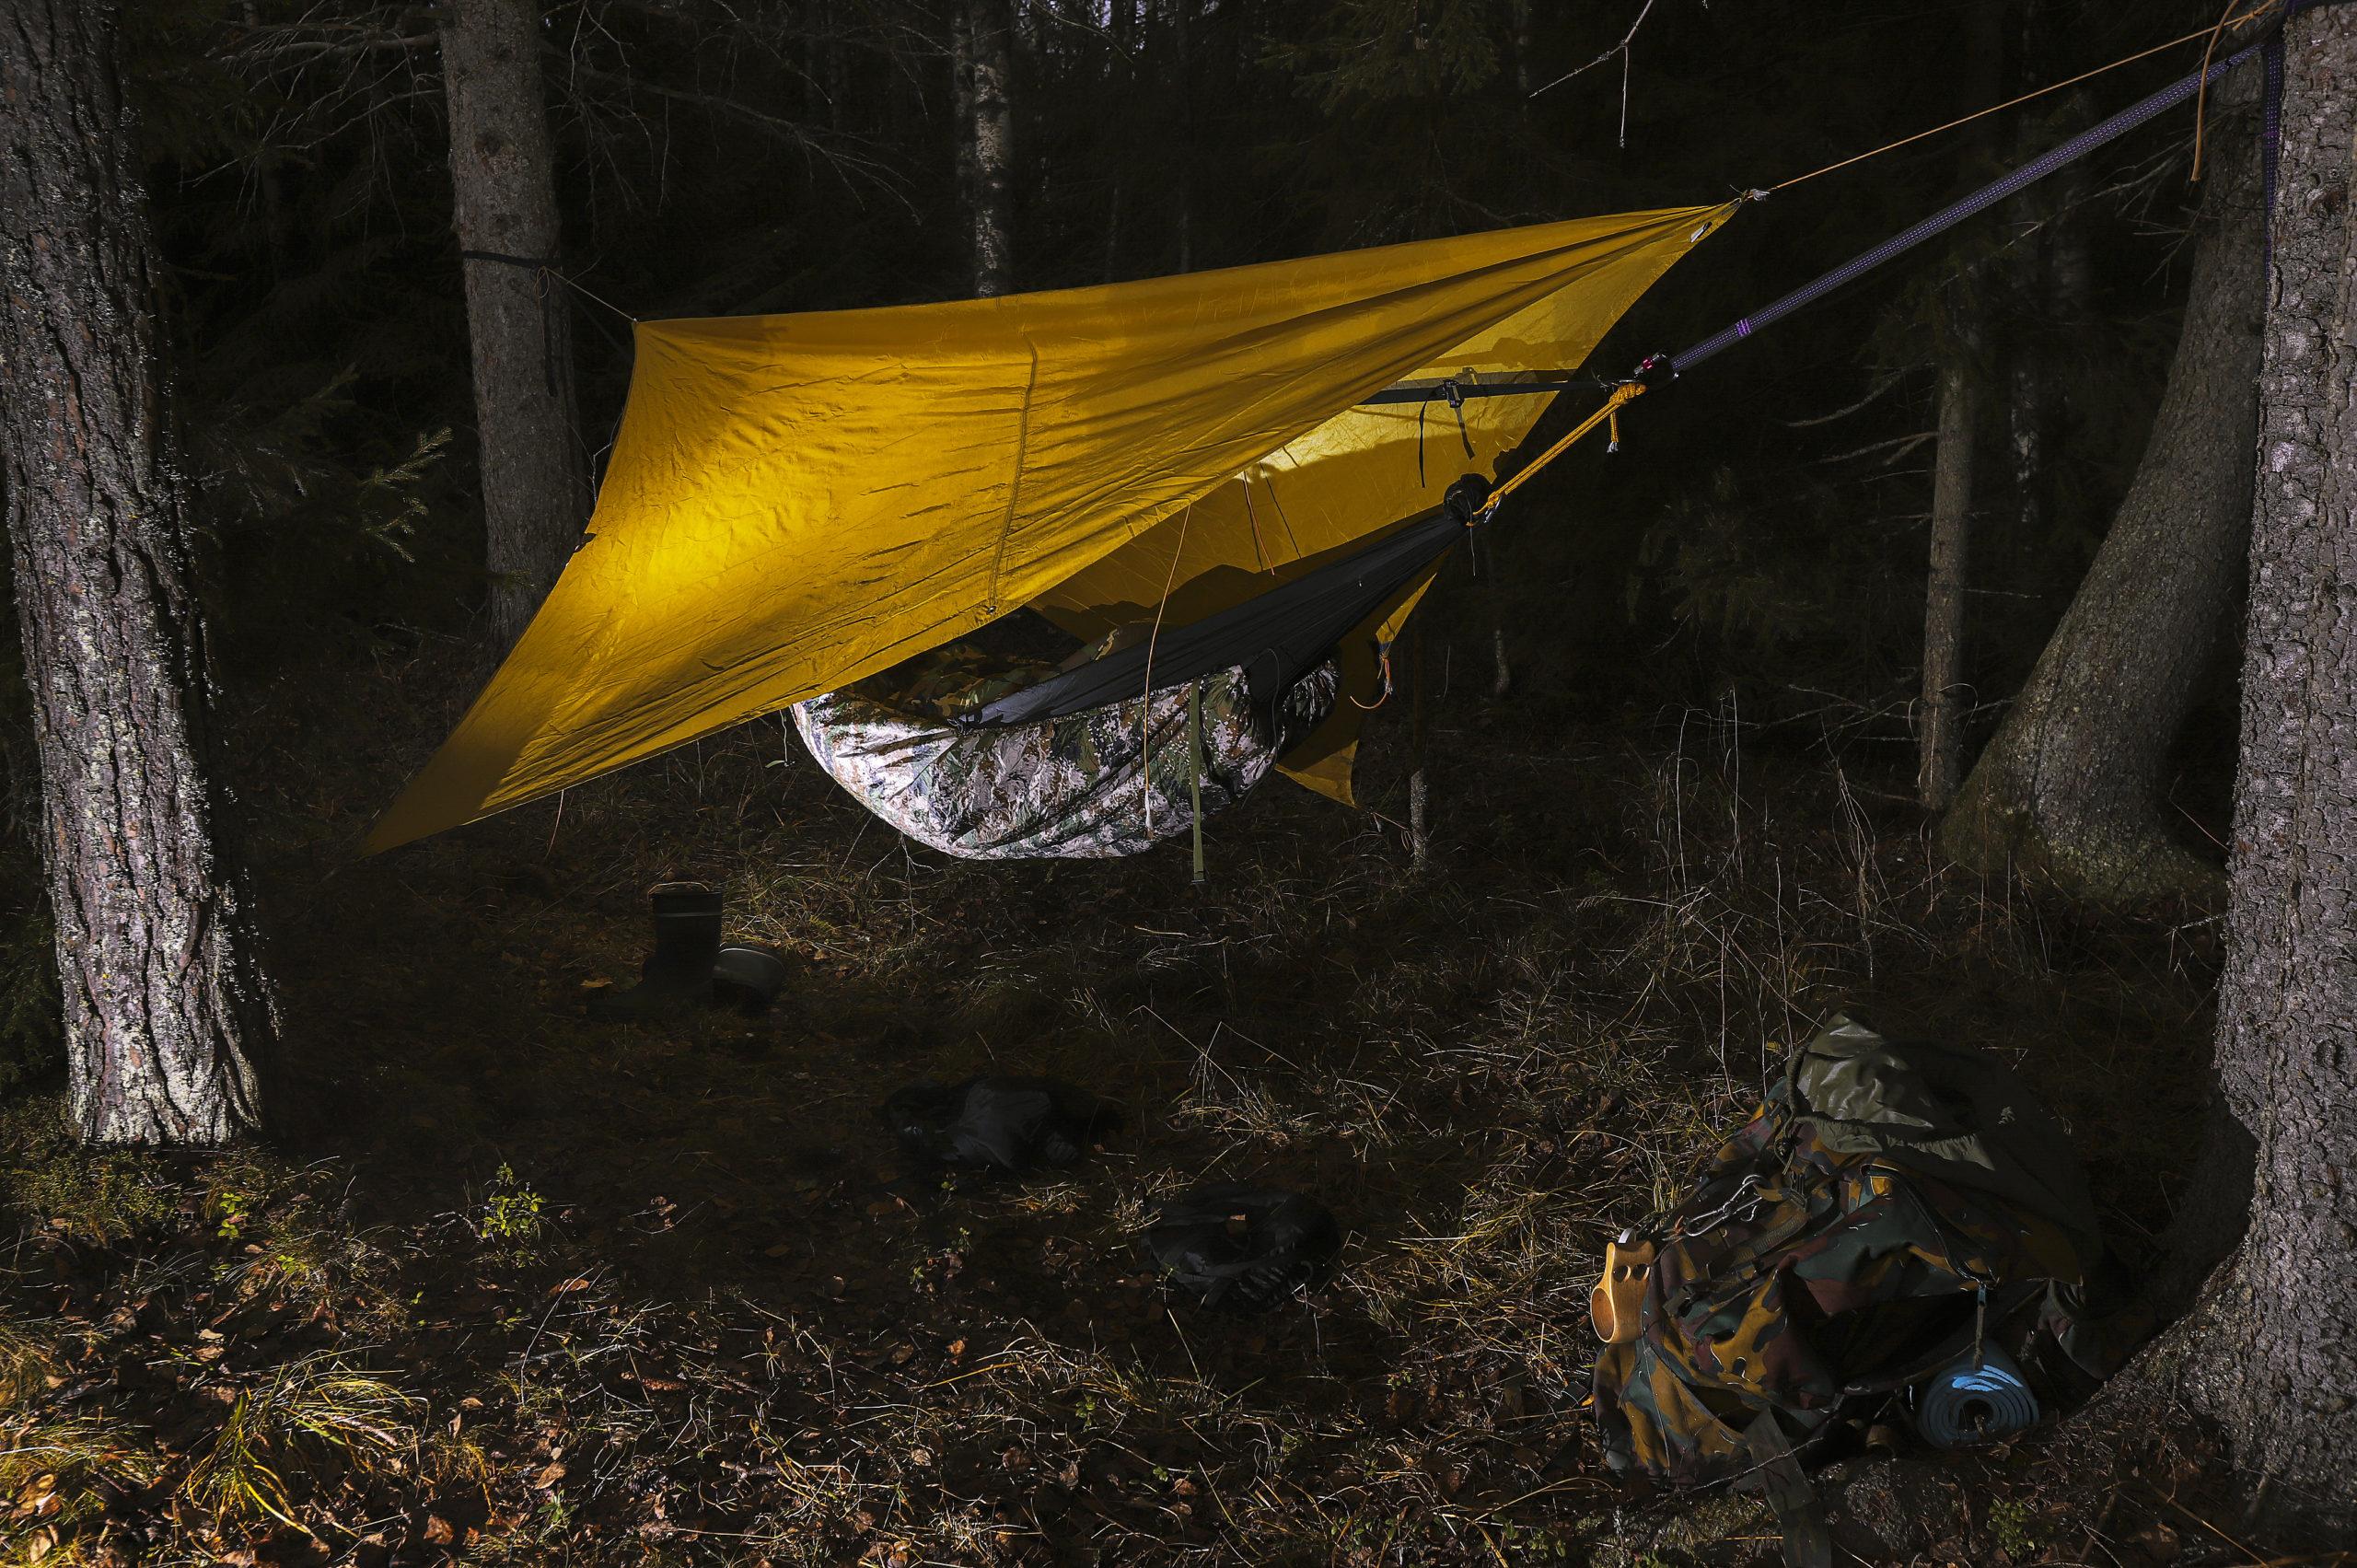 Pimeää taustaa vasten näkyy riippumatto metsässä, jonka yllä keltainen kangas